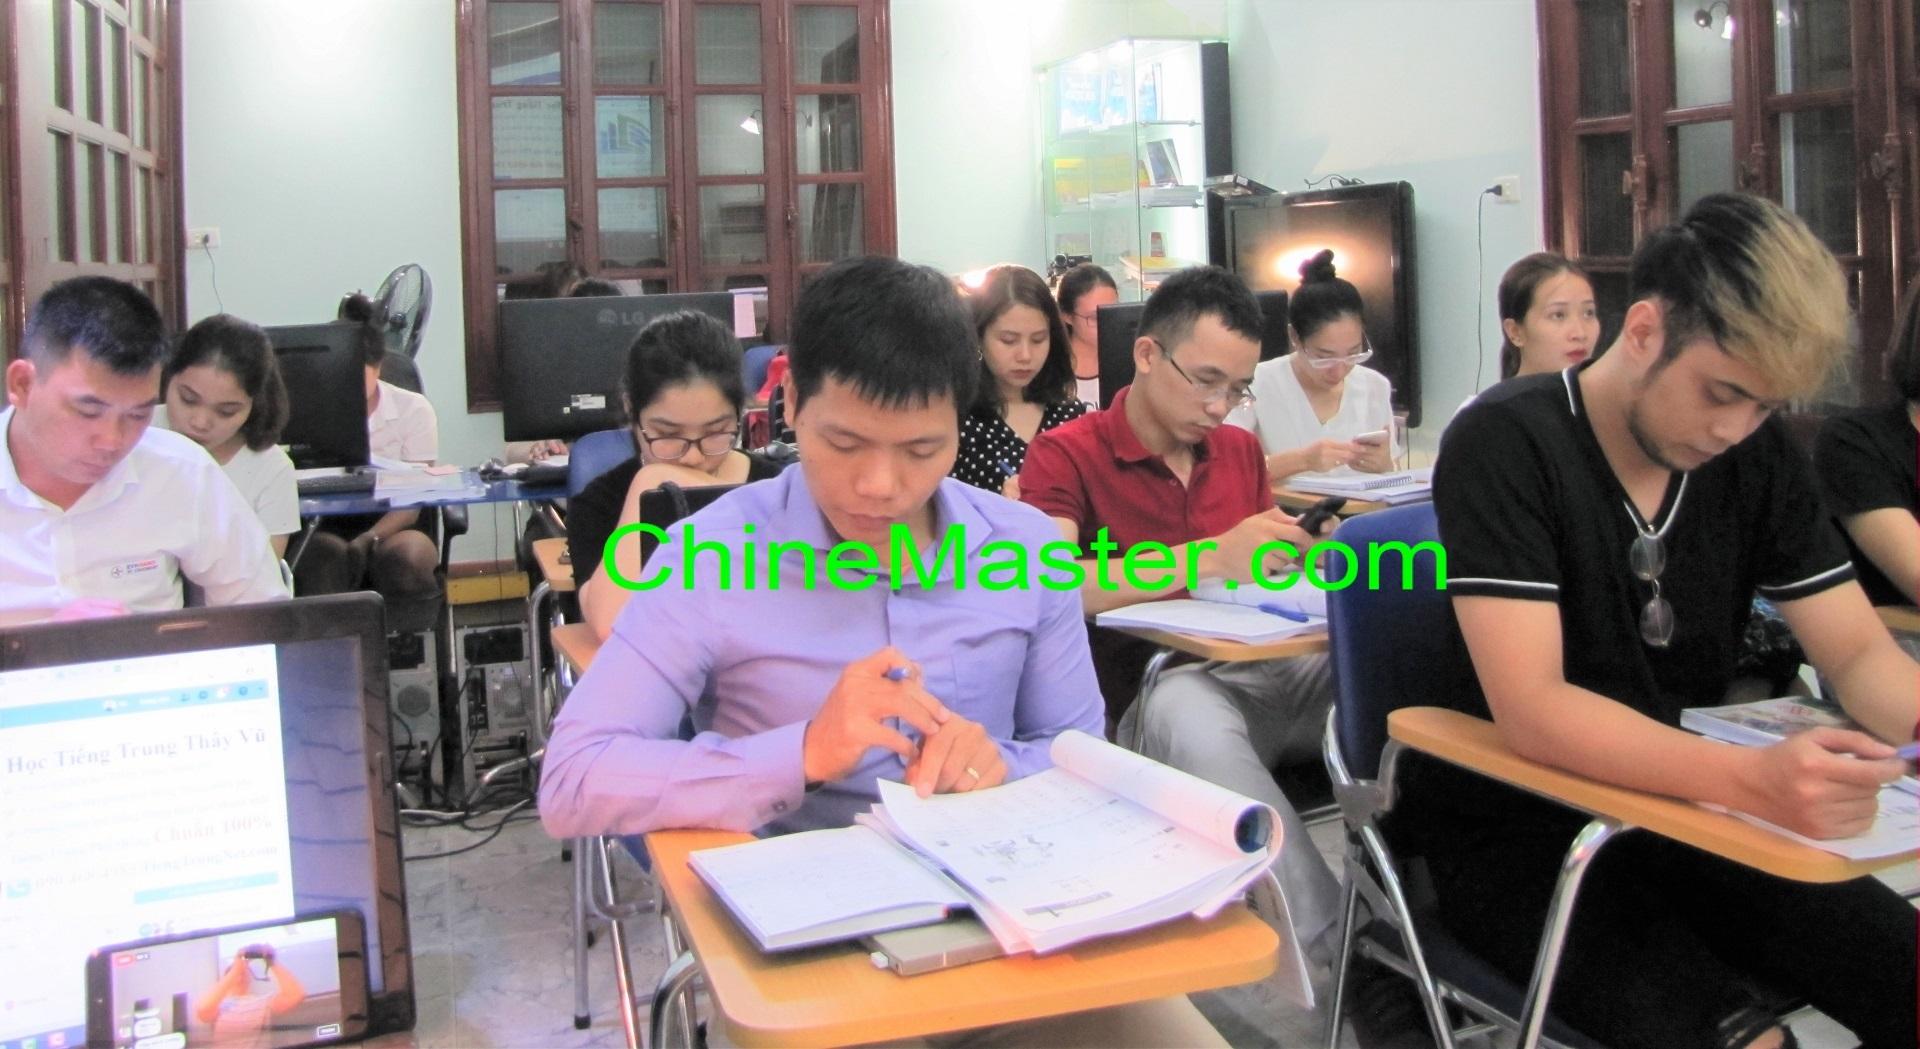 Trung tâm tiếng Trung Quận 10 ChineMaster TP HCM Cơ sở 2 - Trung tâm tiếng Trung ChineMaster Quận 10 TPHCM Sài Gòn - Trung tâm học tiếng Trung Quận 10 TP HCM Thầy Vũ